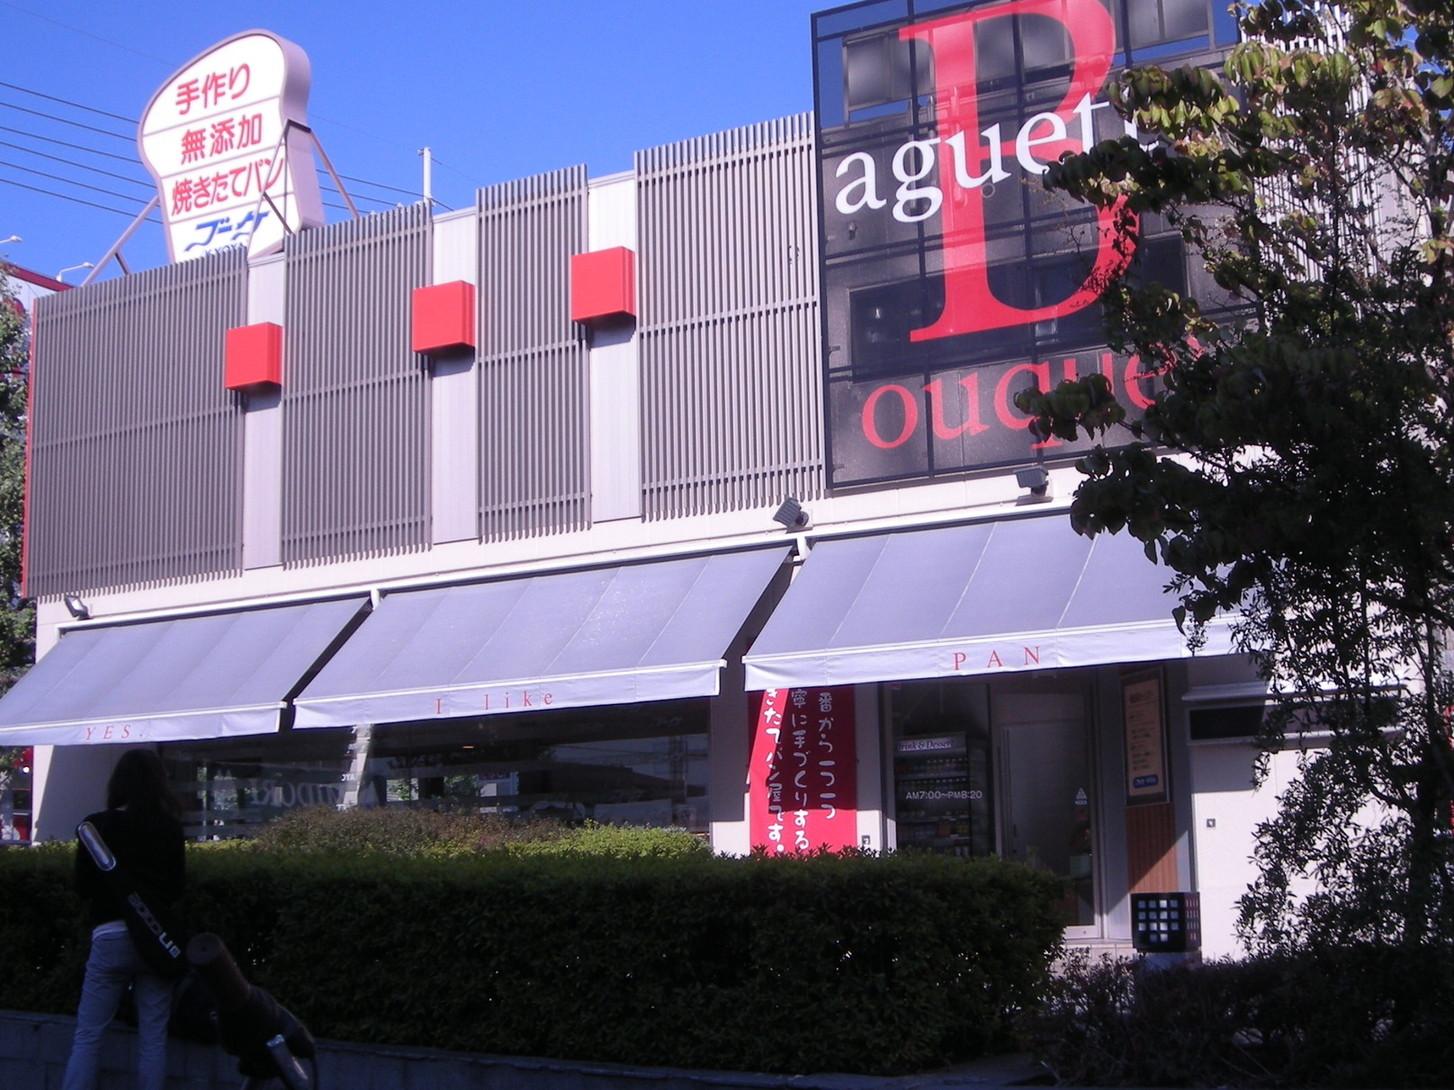 ブーケ<KYOYA> 円町店